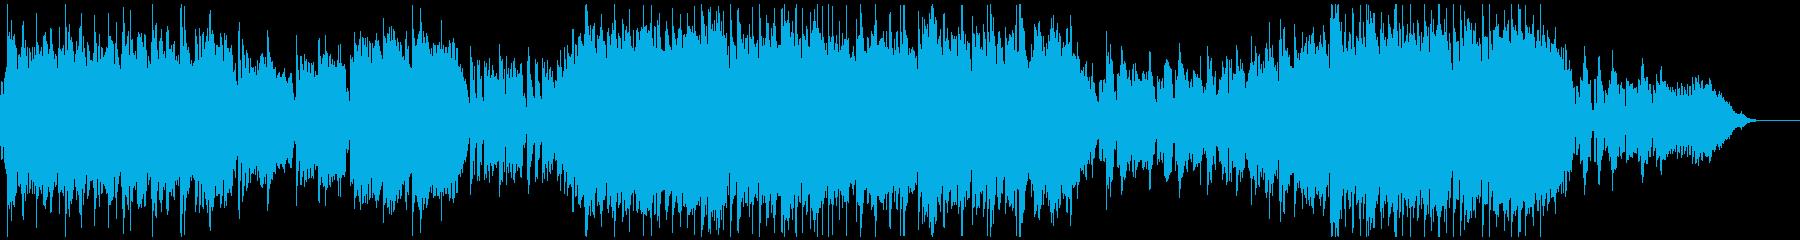 尺八/篠笛による壮大で感動的な和風BGMの再生済みの波形